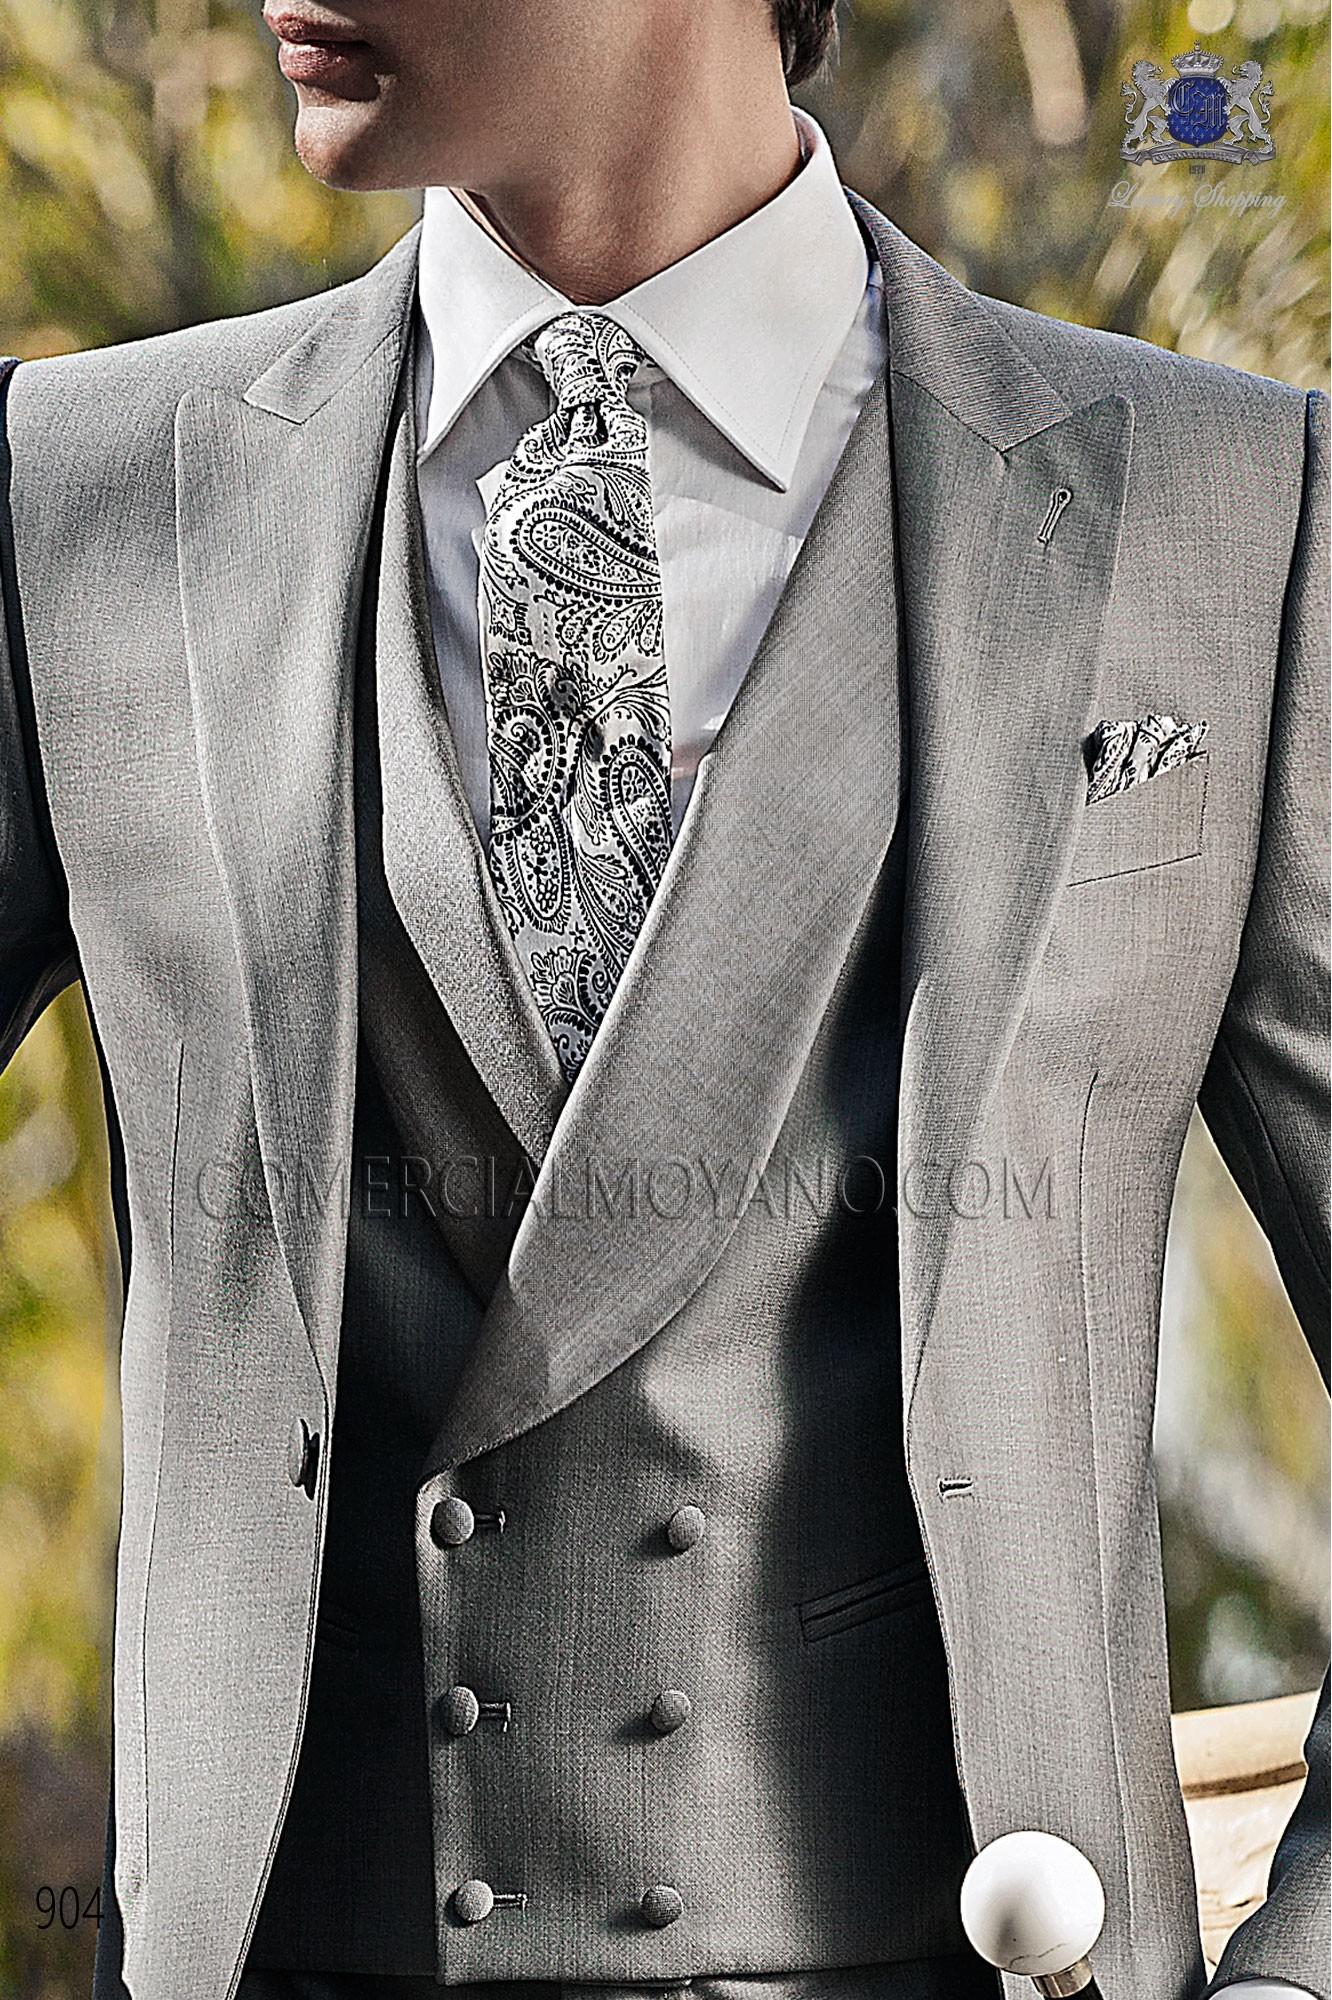 Traje Gentleman de novio gris modelo: 904 Ottavio Nuccio Gala colección Gentleman 2017